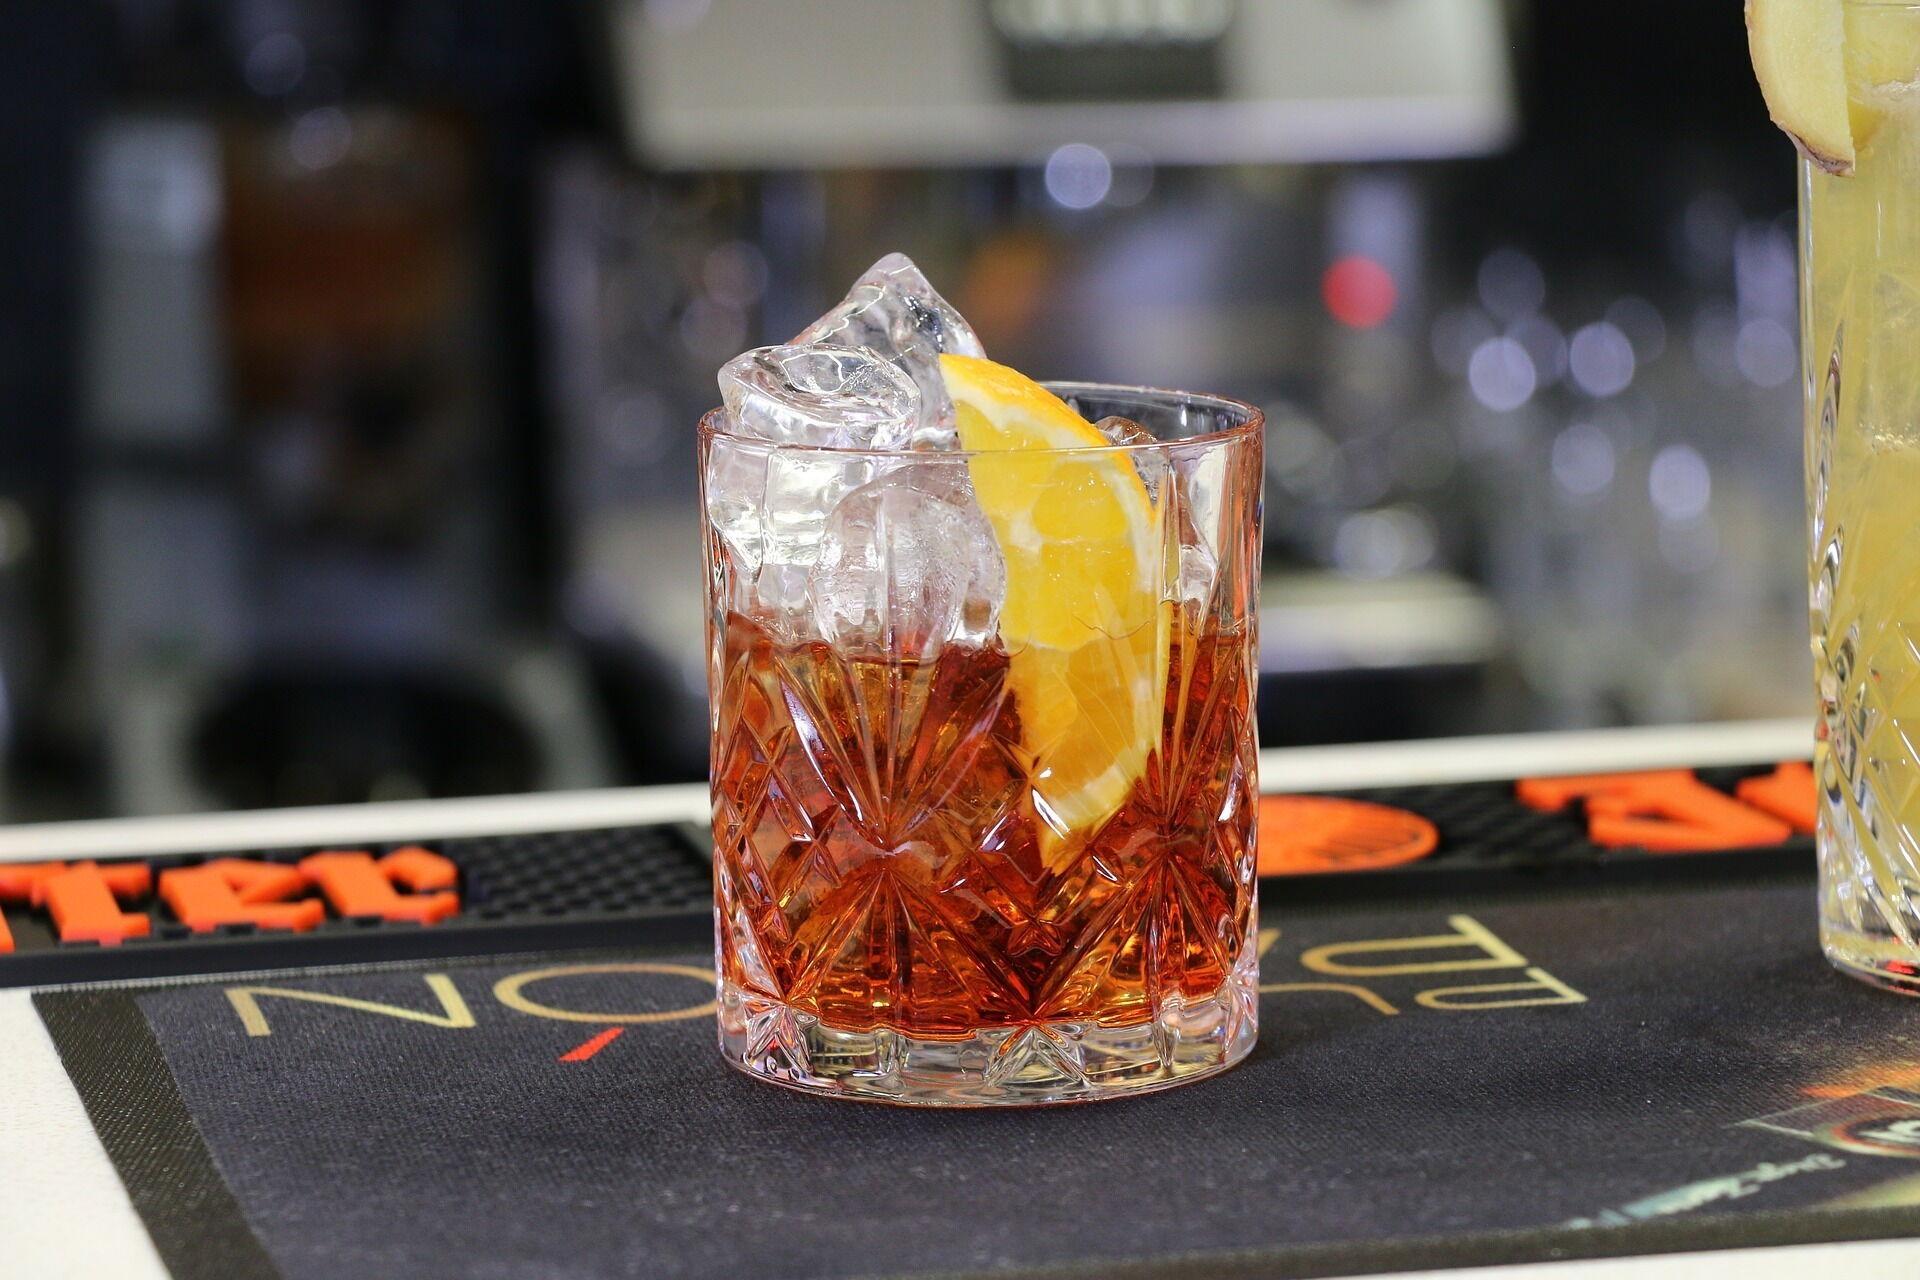 Exquisite Beliebte Cocktails Ideas Of Es Gibt Mehrere Verschiedenen Berichte über Den